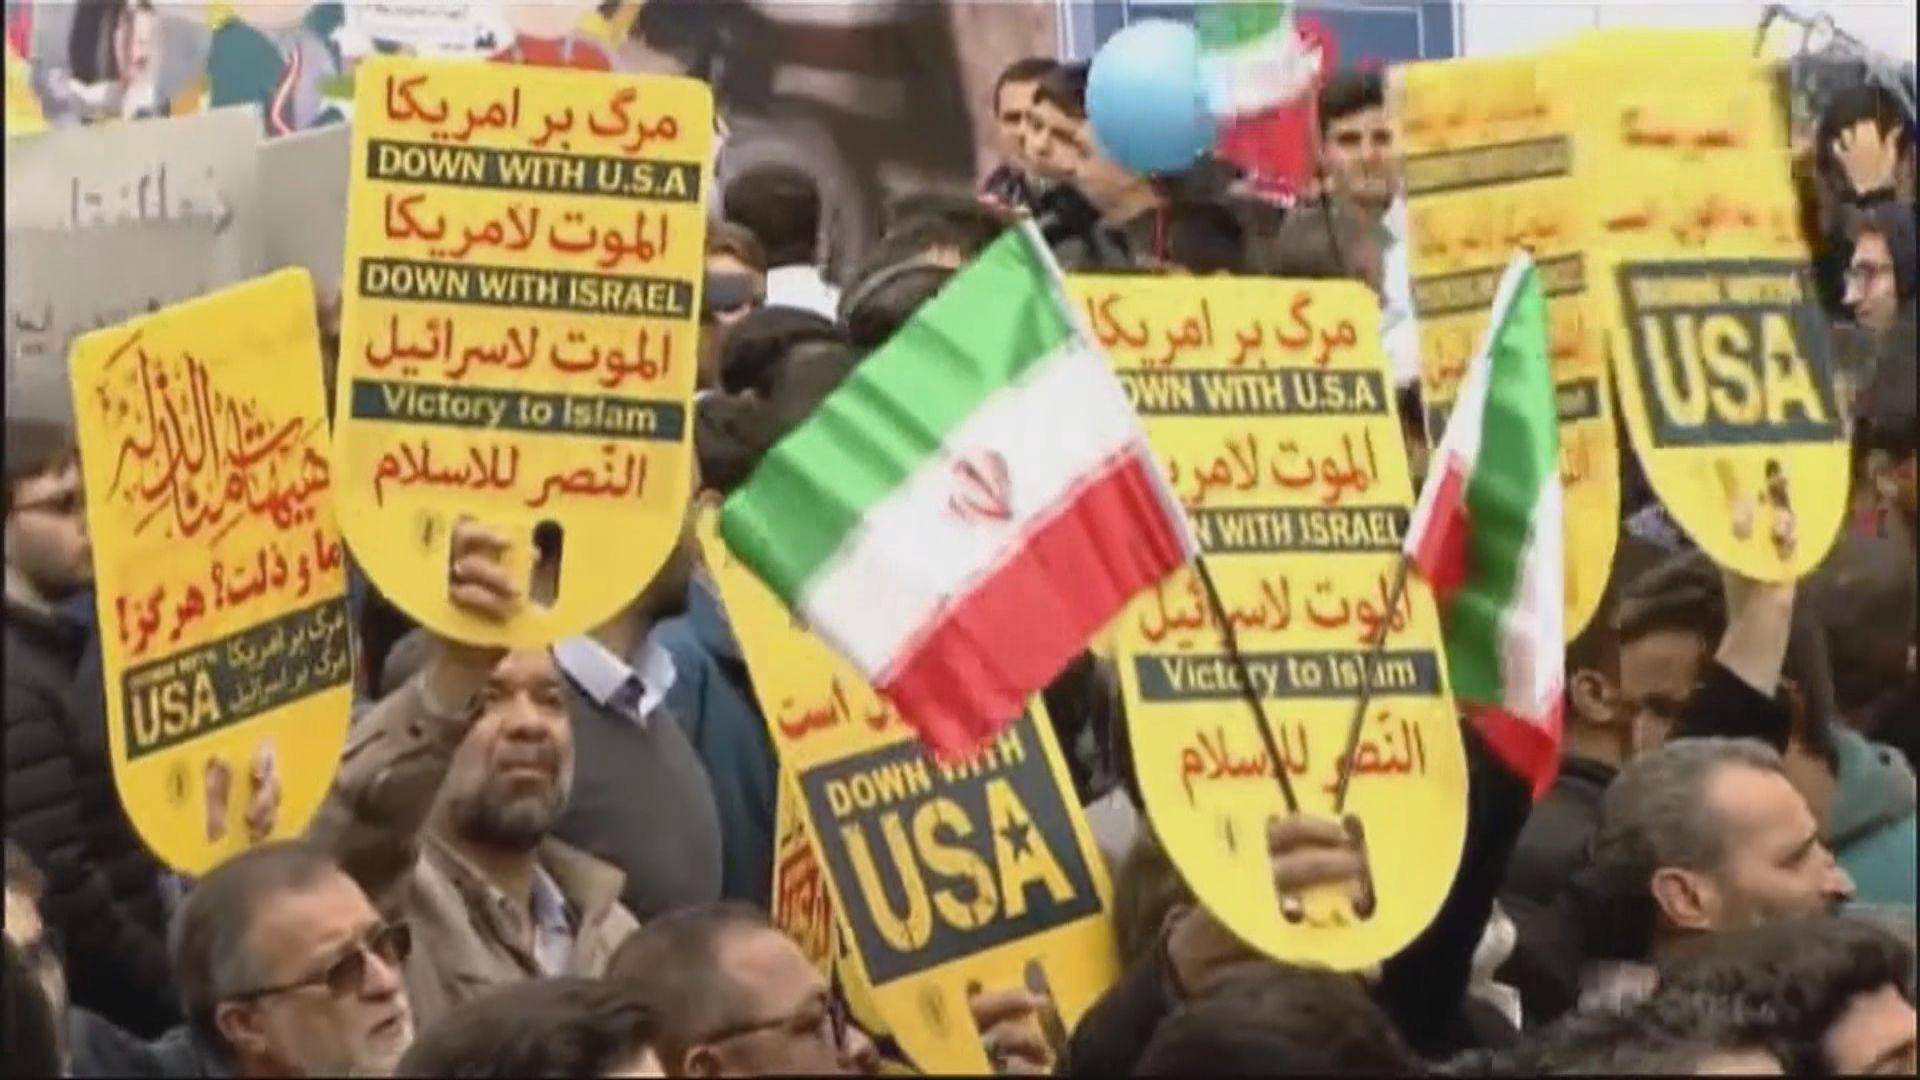 伊朗大型集會紀念美使館人質事件40周年